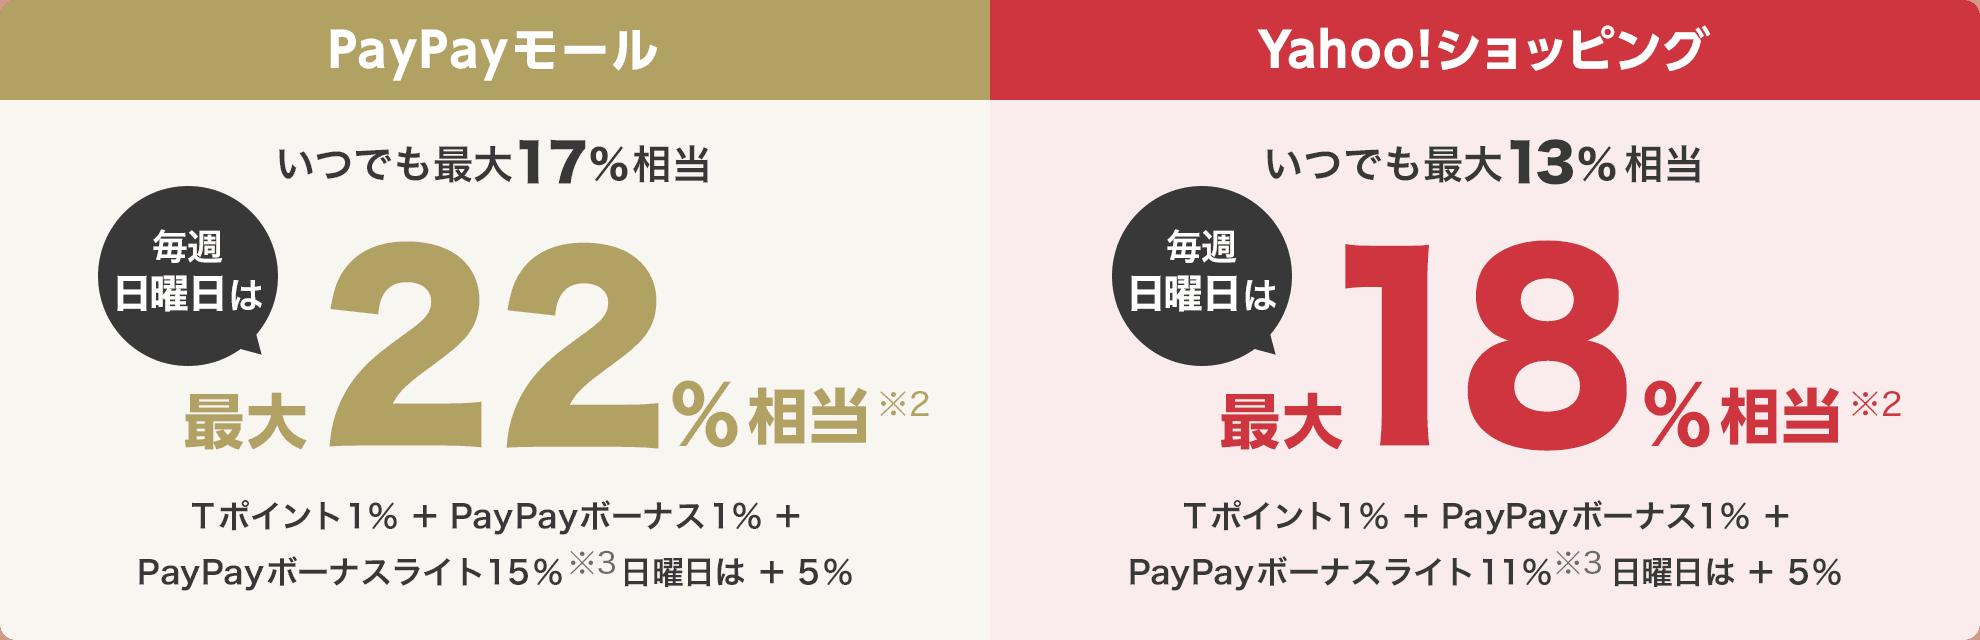 PayPayモール いつでも最大17%相当 毎週日曜日は最大22%※2相当 Tポイント1% + PayPayボーナス1% + PayPayボーナスライト15%※3 日曜日は + 5% Yahoo!ショッピング いつでも最大13%相当 毎週日曜日は最大18%※2相当 Tポイント1% + PayPayボーナス1% + PayPayボーナスライト11%※3 日曜日は + 5%